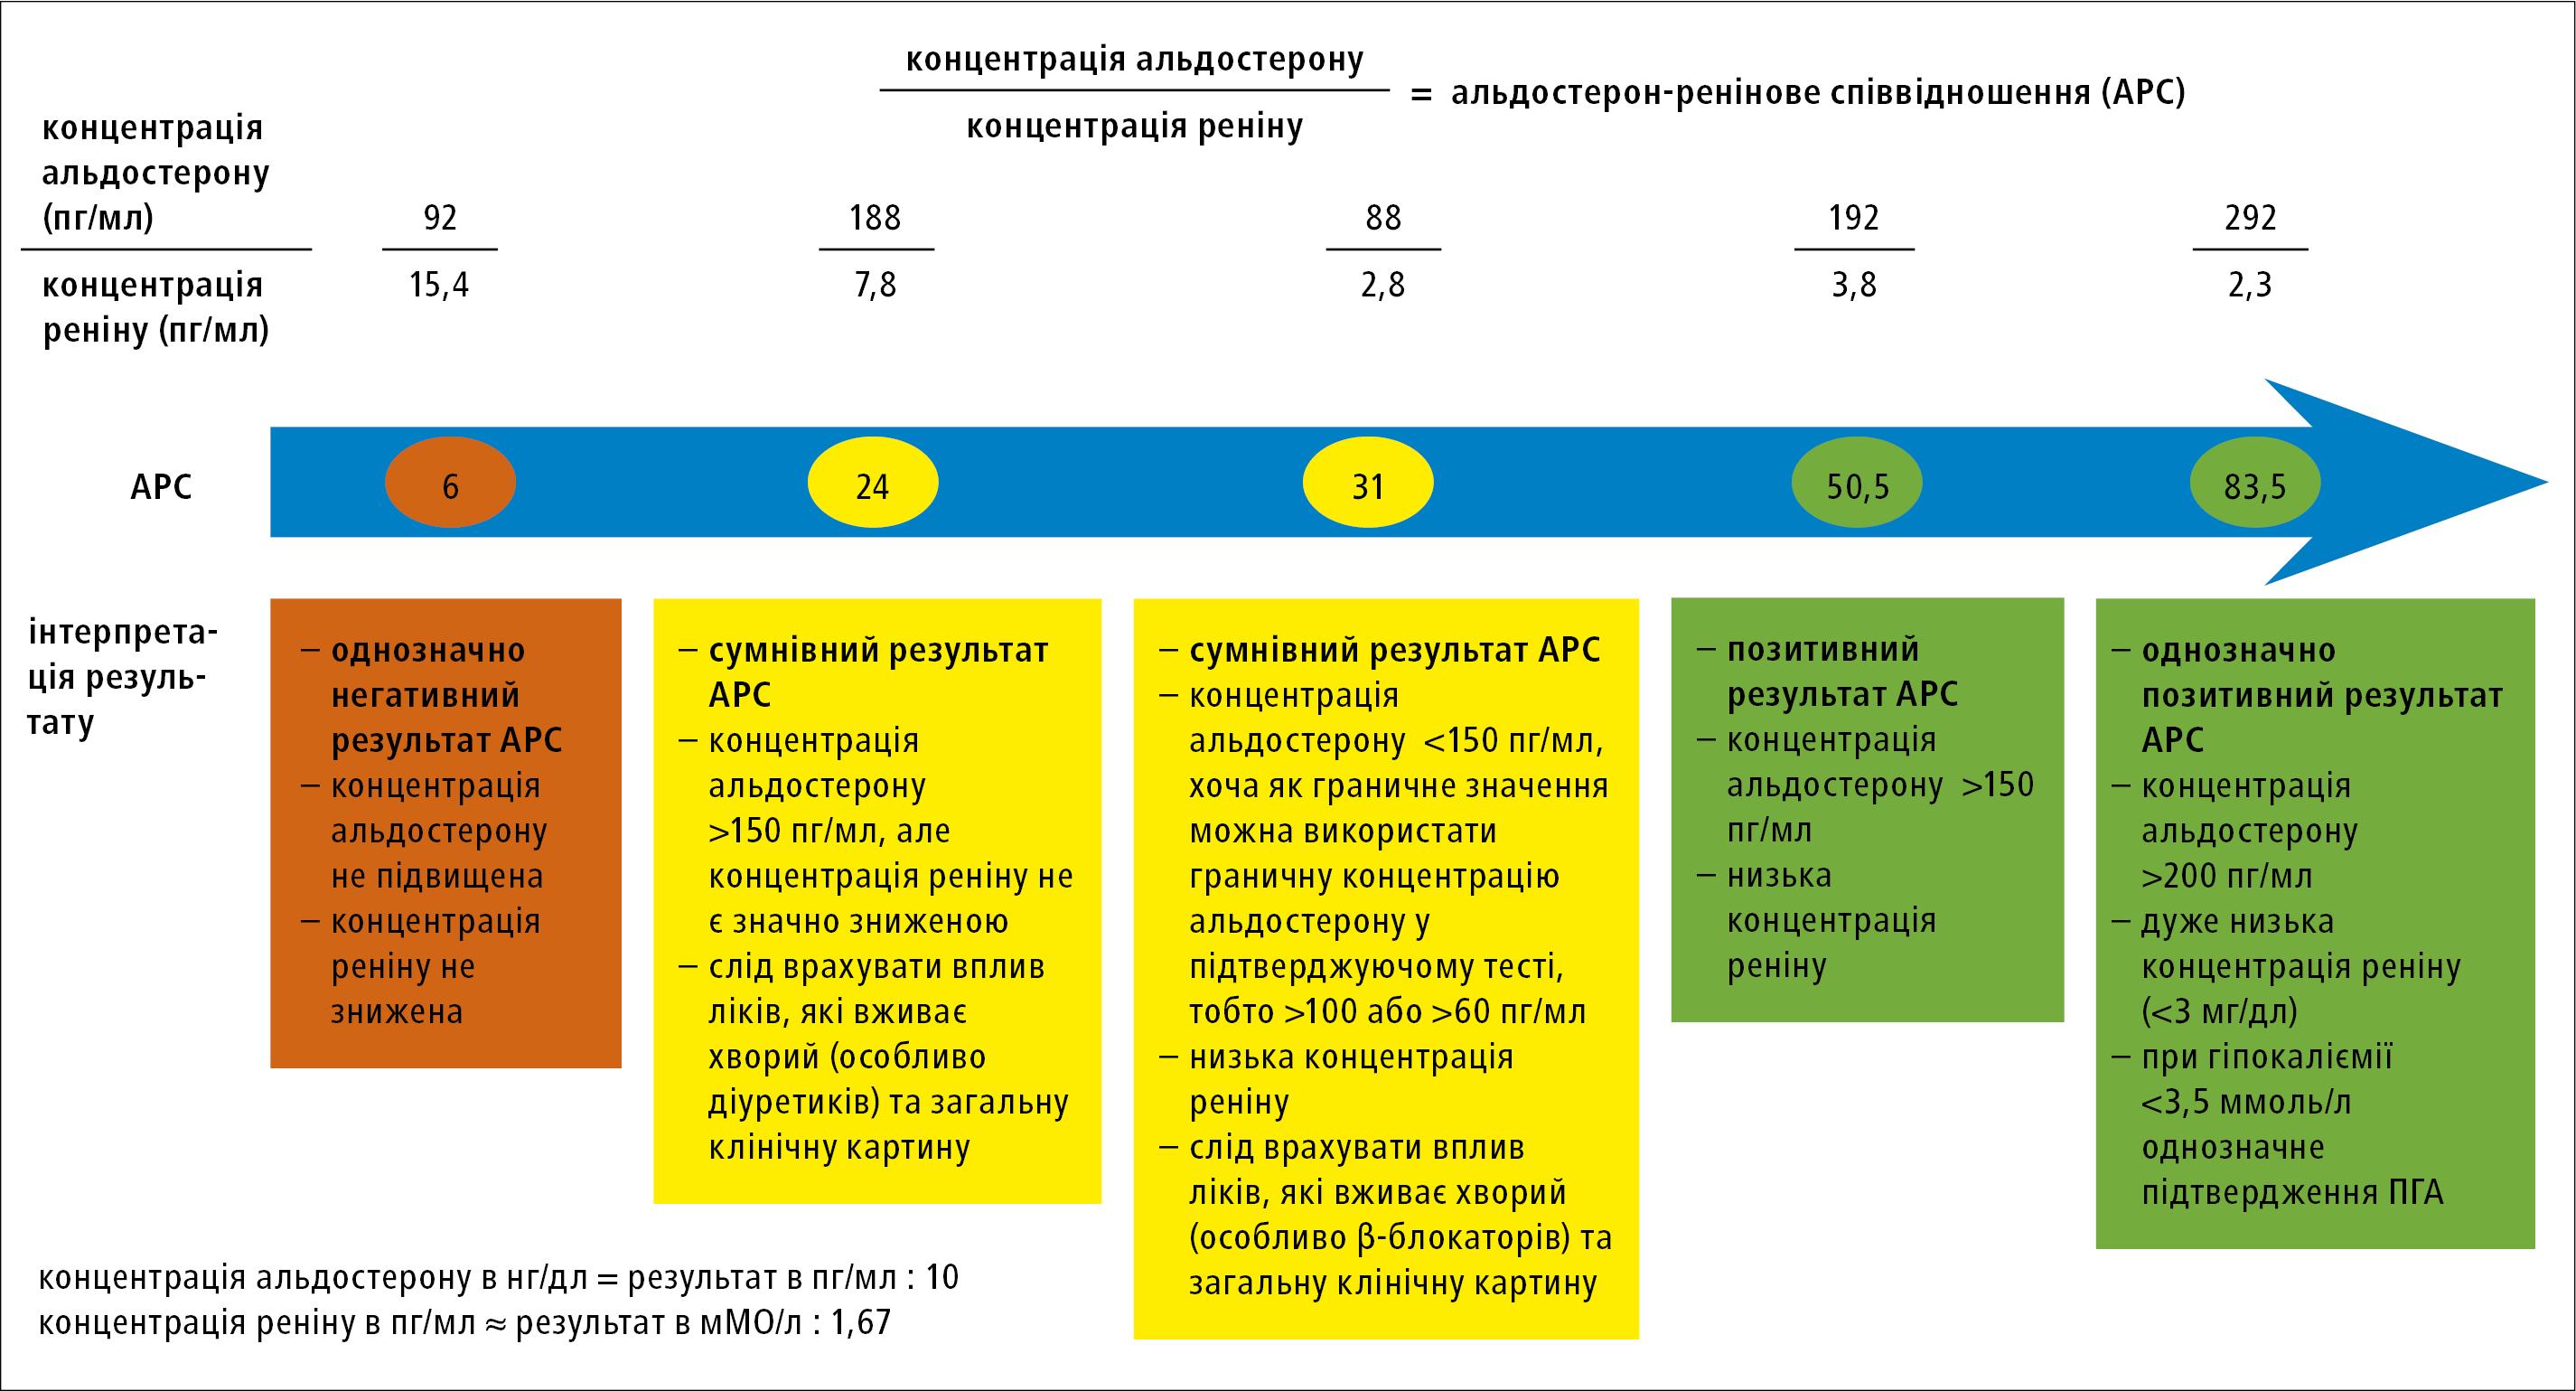 Альдостерон-ренінове співвідношення (АРС) — скринінг первинного гіперальдостеронізму (ПГА). Приклад інтерпретації співвідношення на основі позиції ESH з2020 року івласного досвіду авторів даної робо